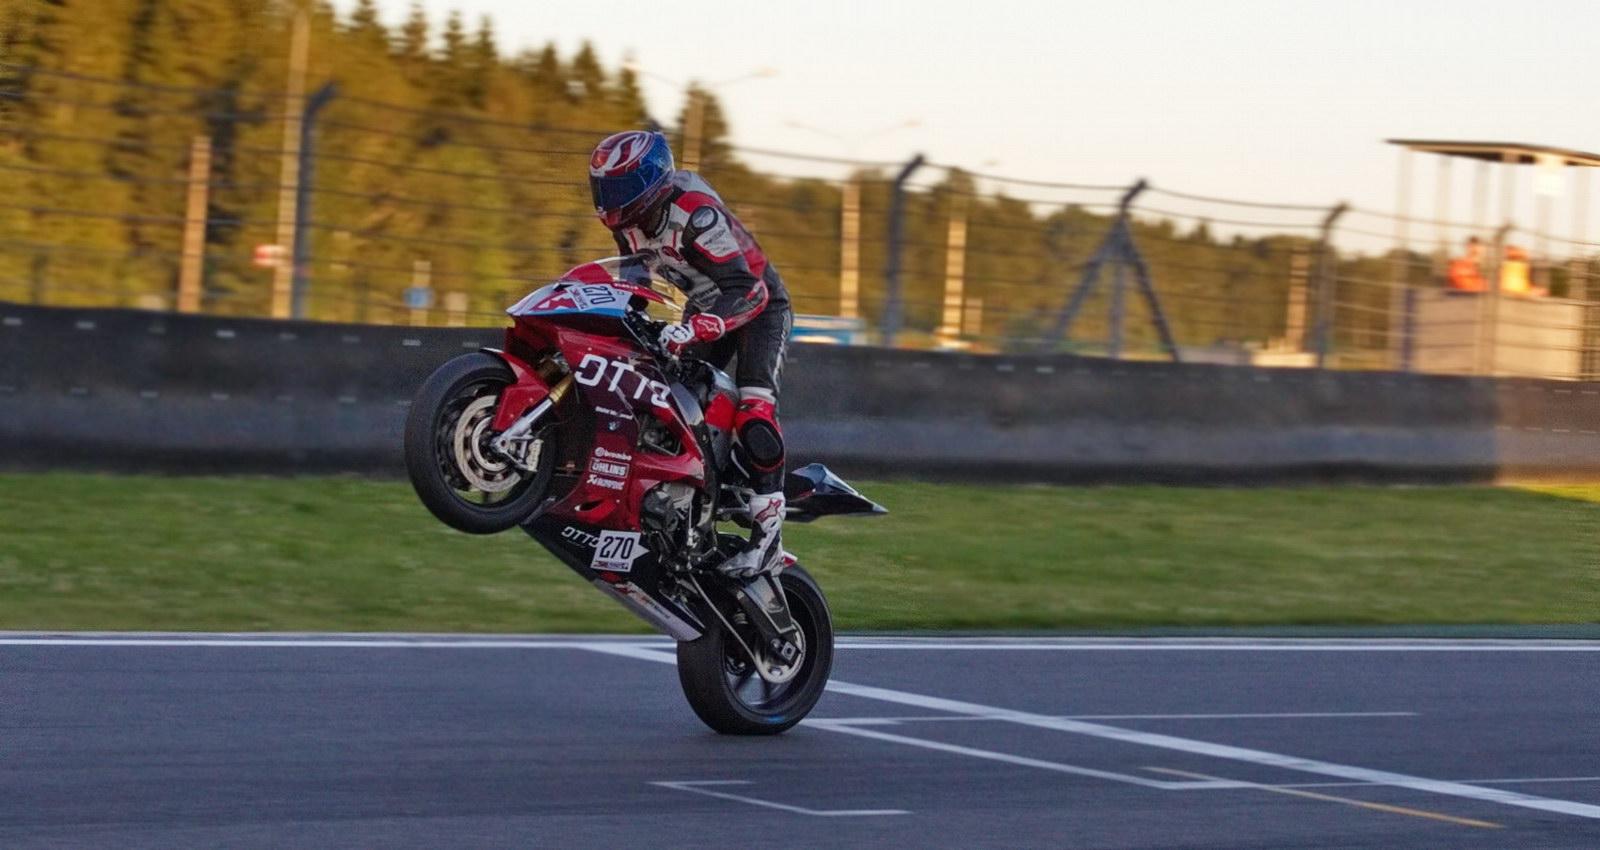 Сергей Власов финишировал в 6-часовой гонке в своем излюбленном стиле - на заднем колесе!